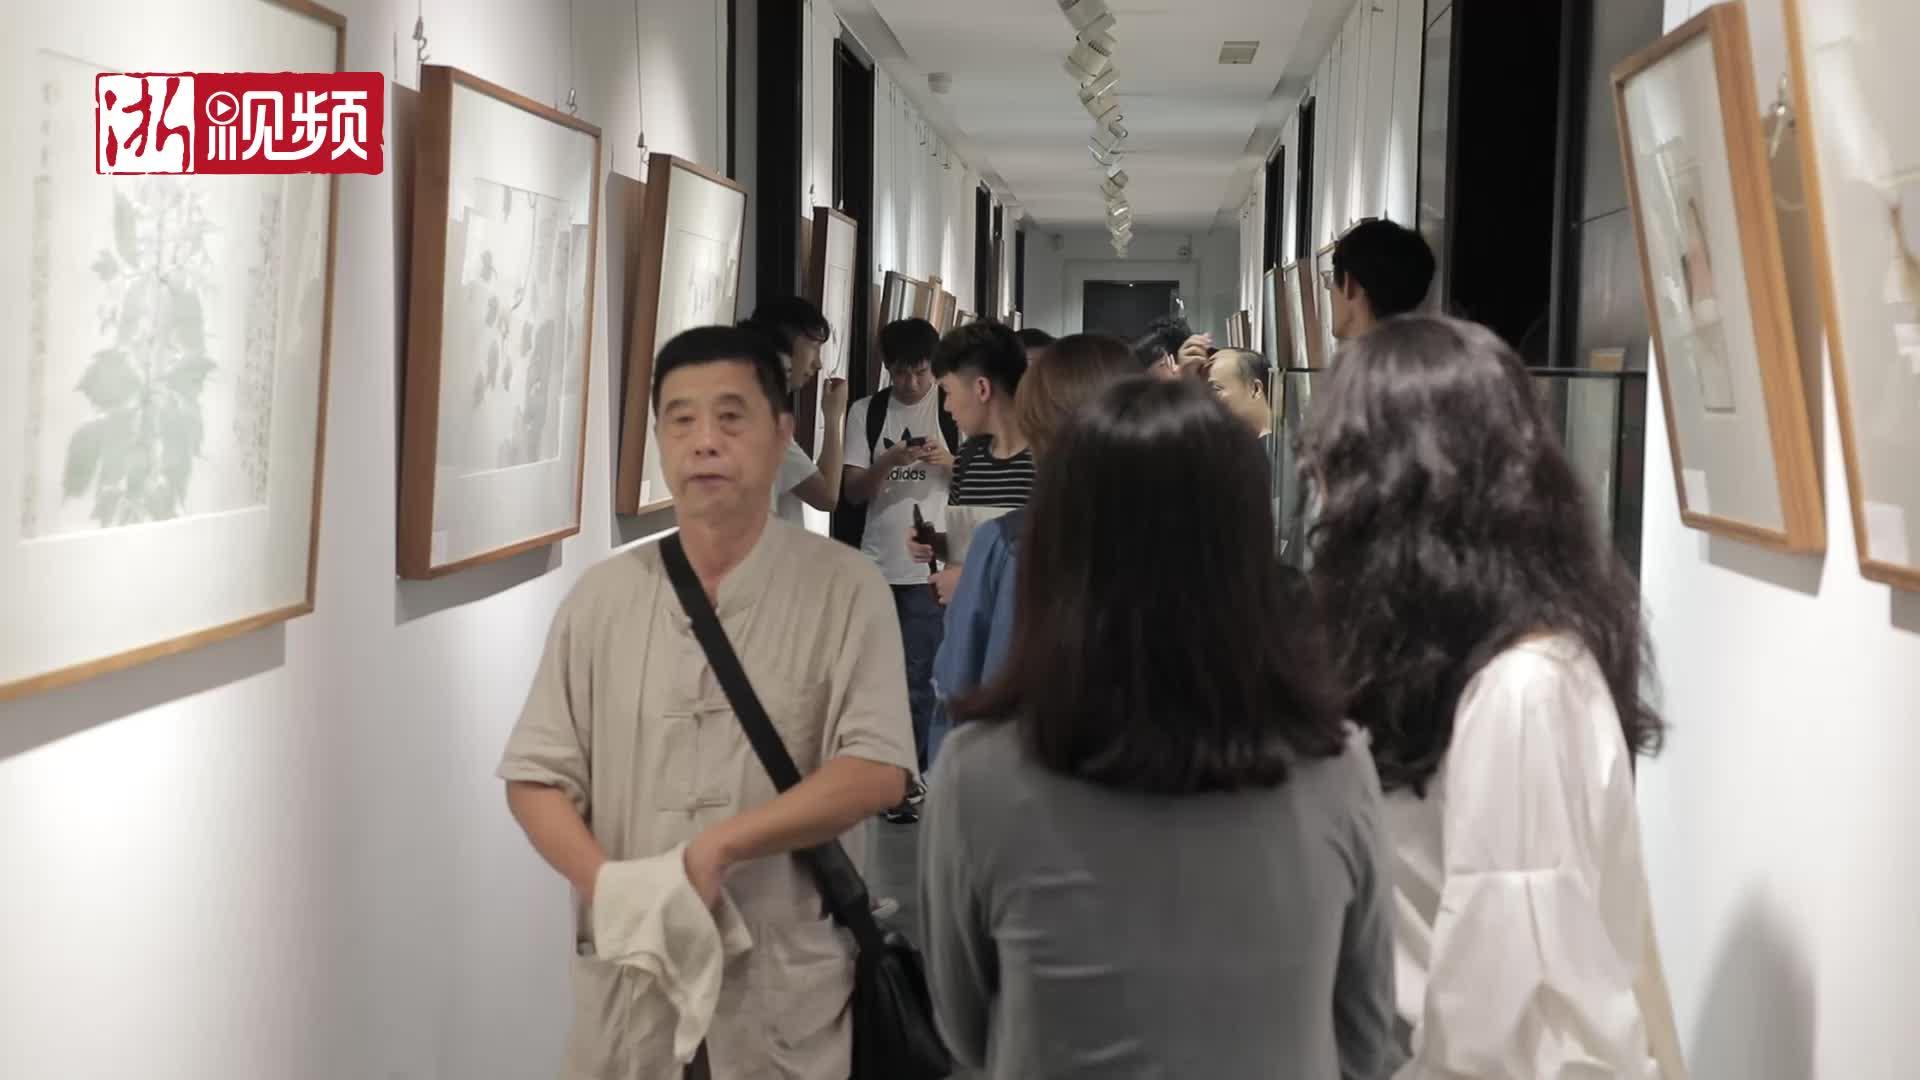 心灵的回归 《陌生距离》中国画小品雅集展在杭举行